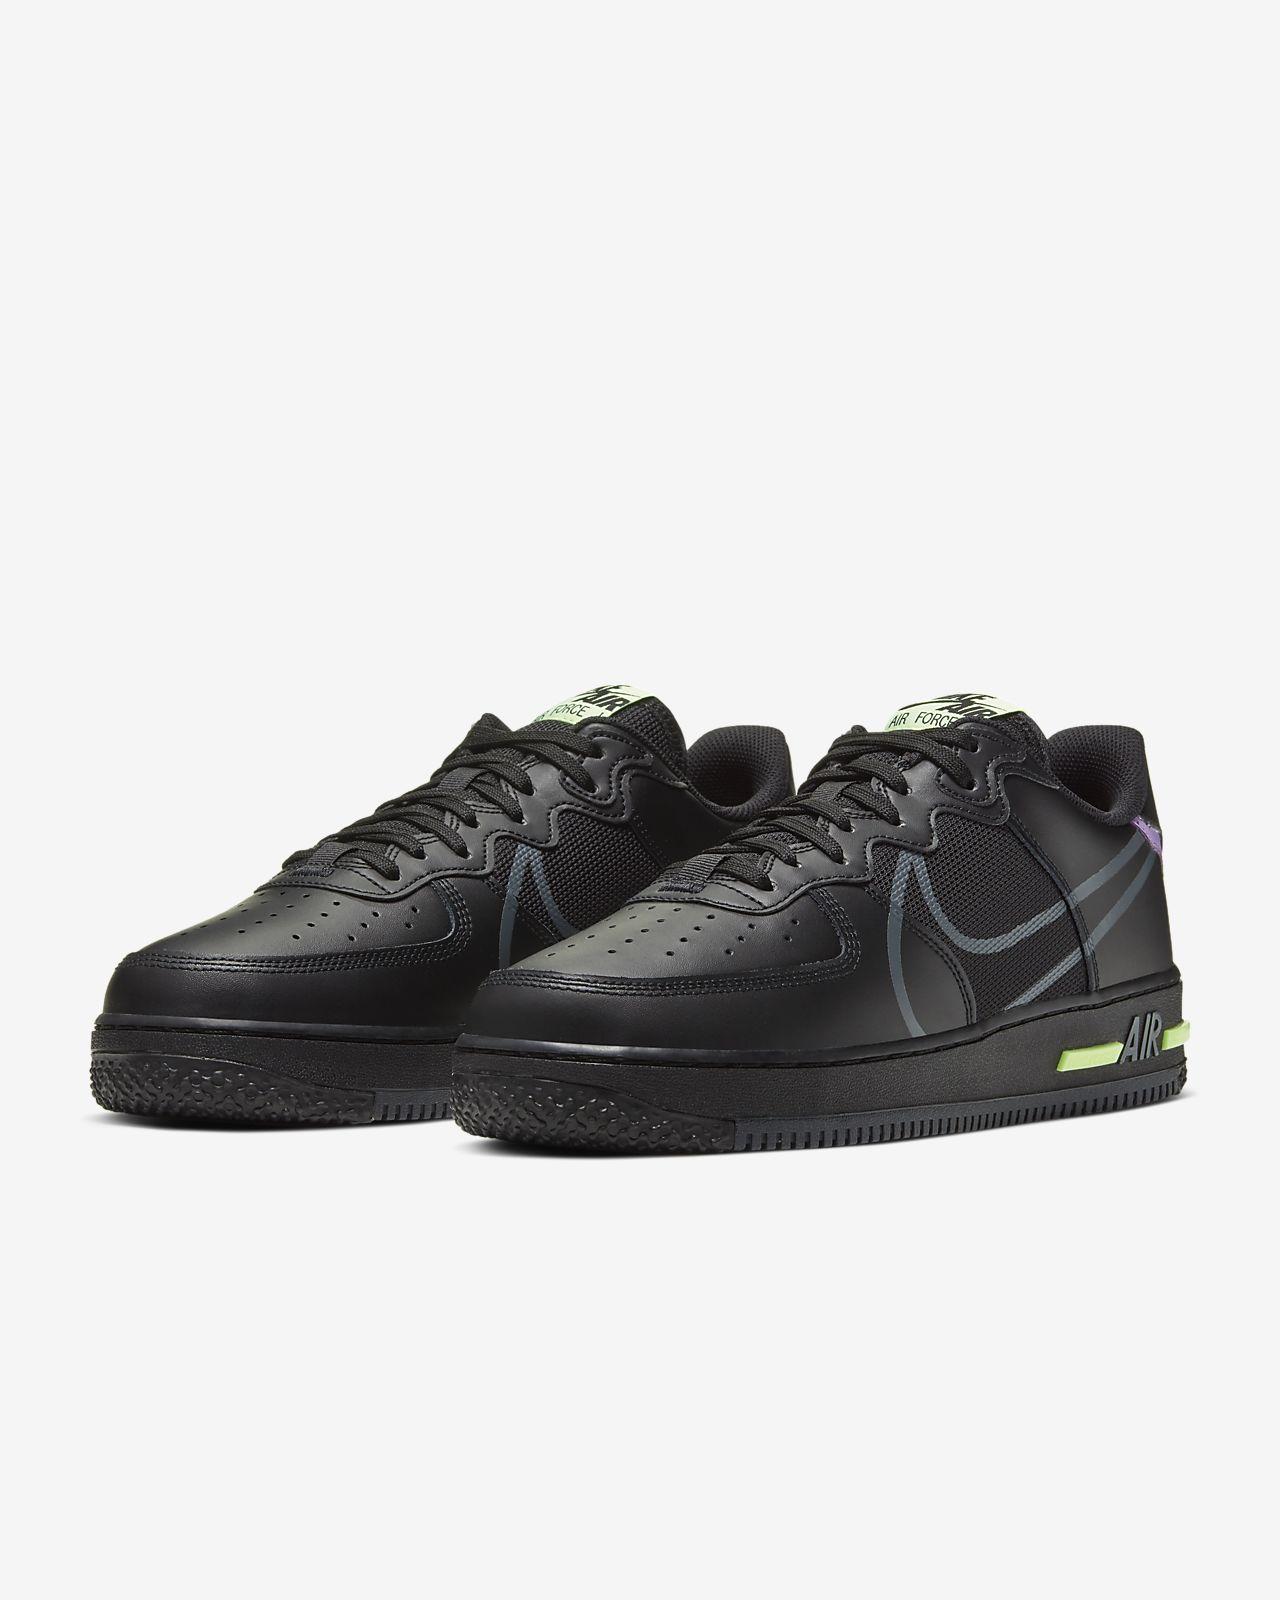 Black Nike Shoes Imágenes De Stock & Black Nike Shoes Fotos